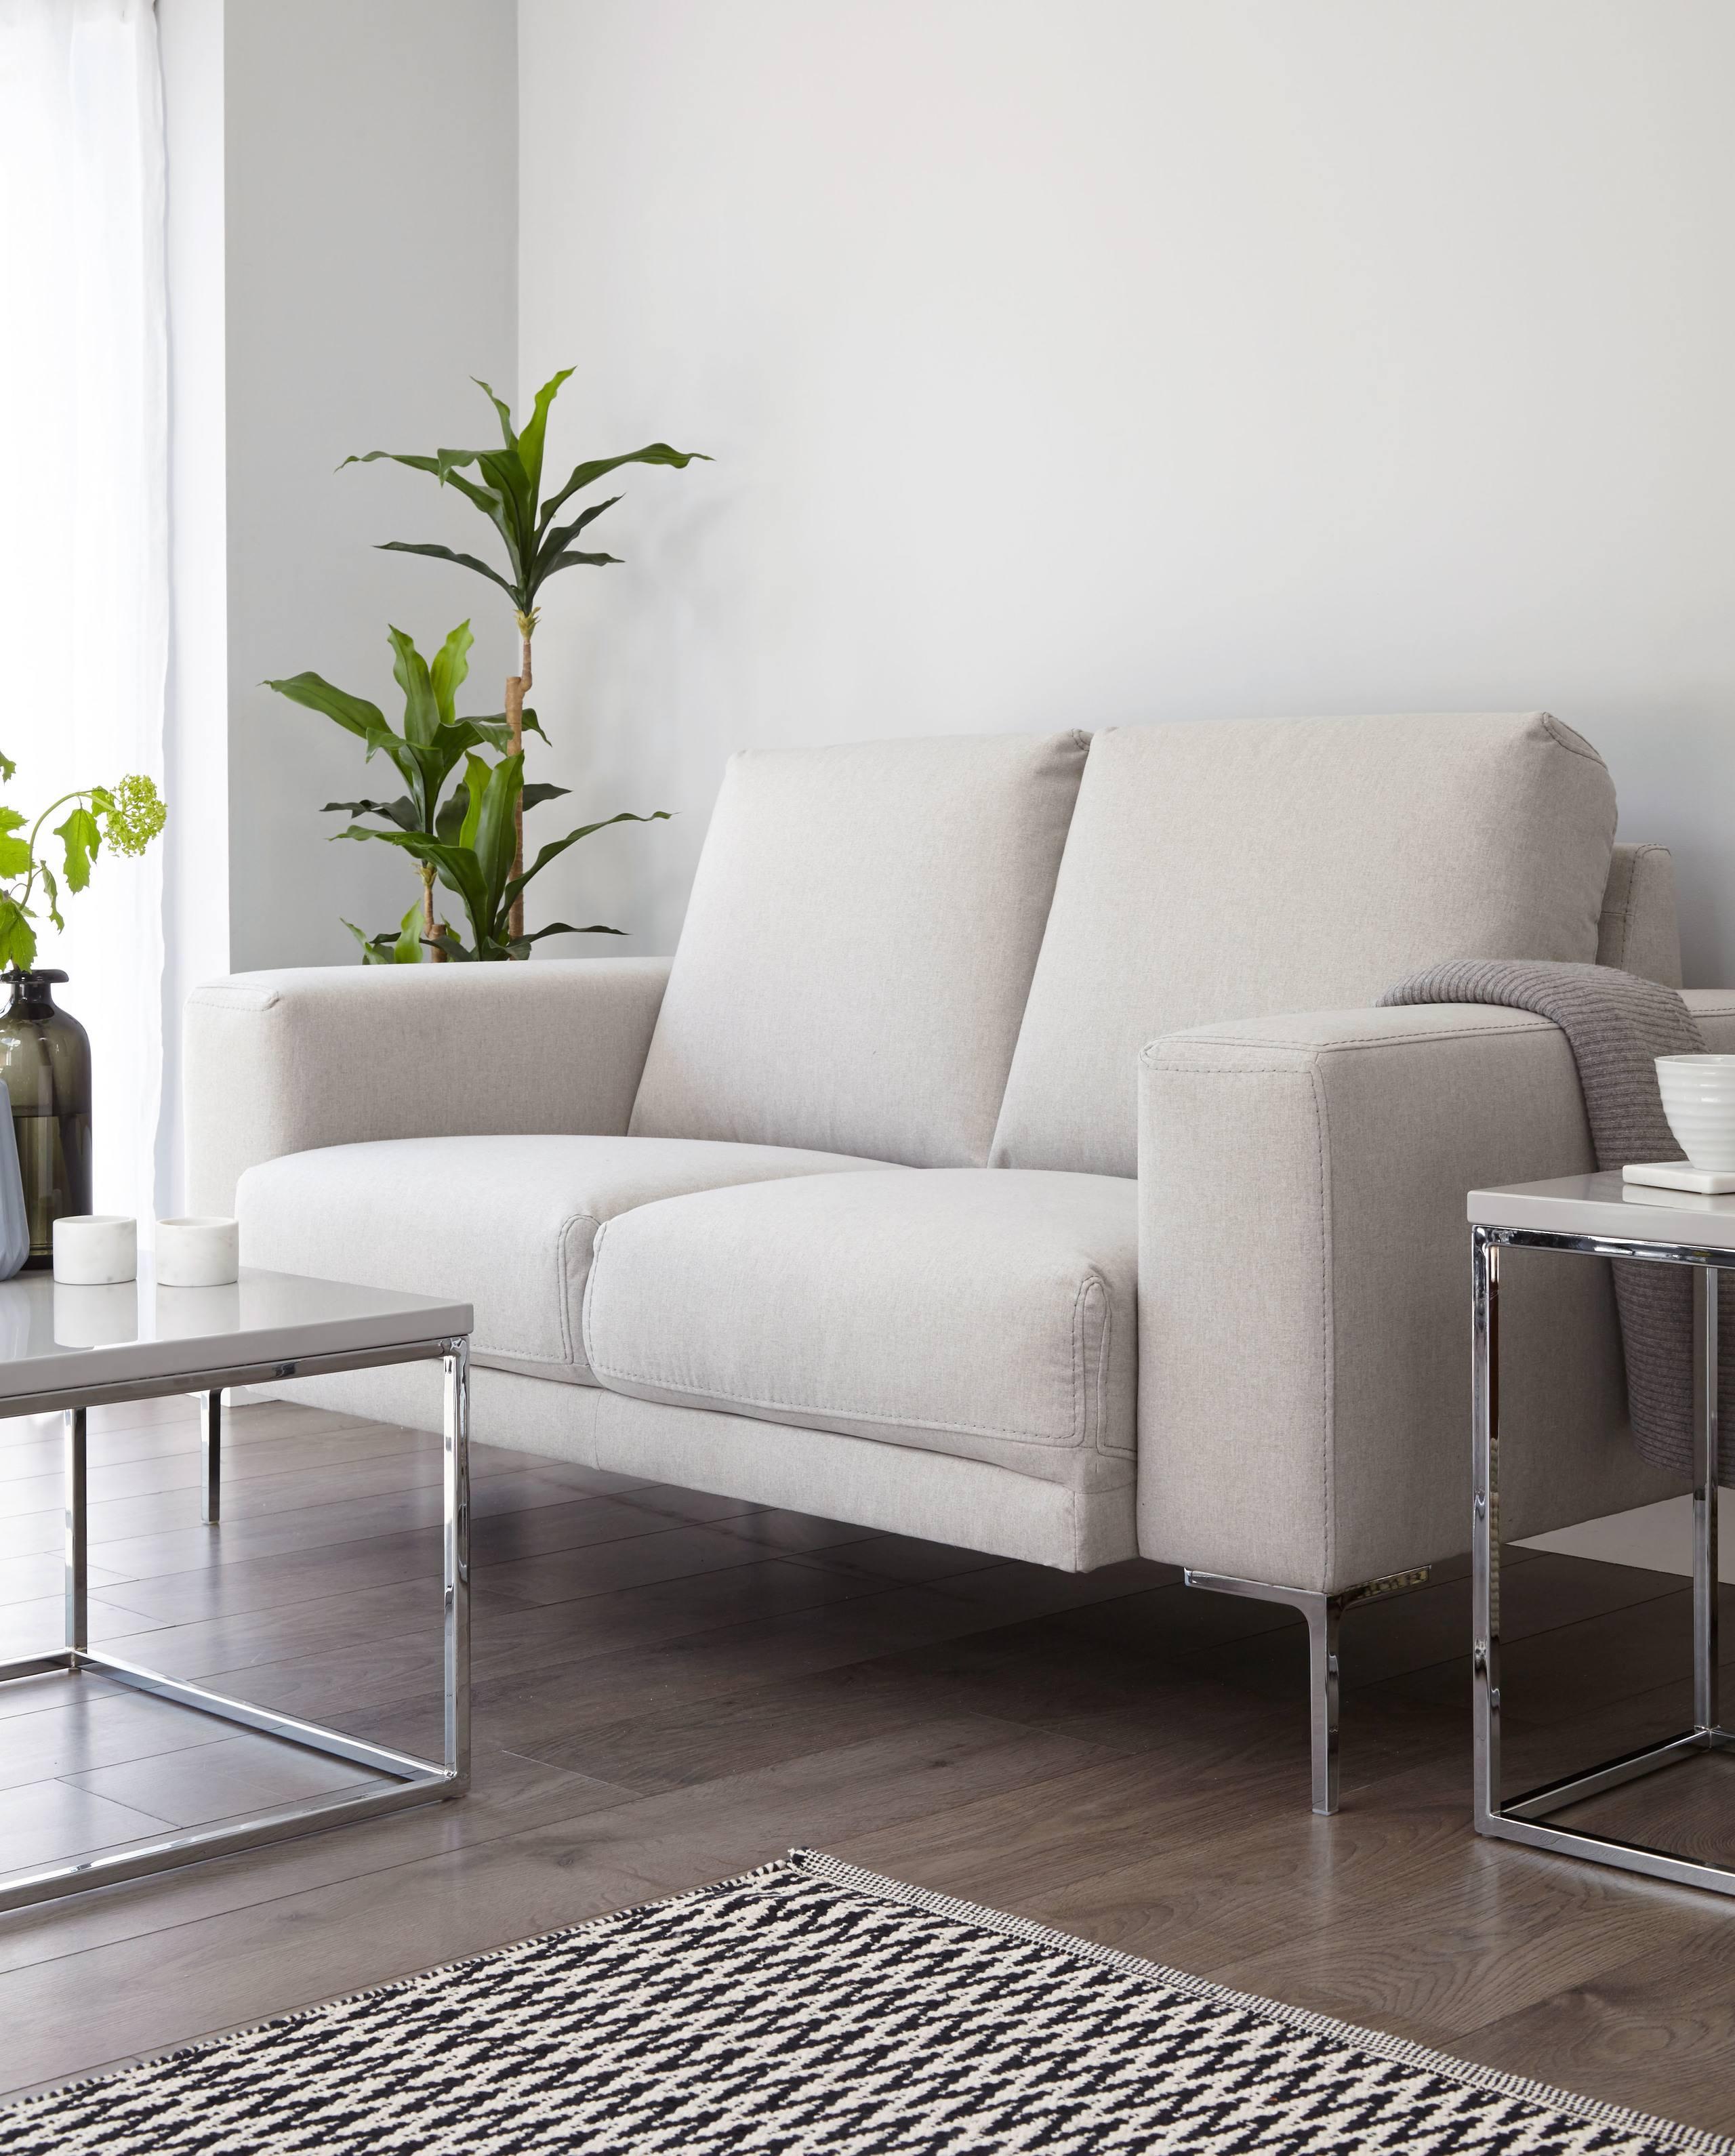 Studio Fabric 2 Seater Sofa